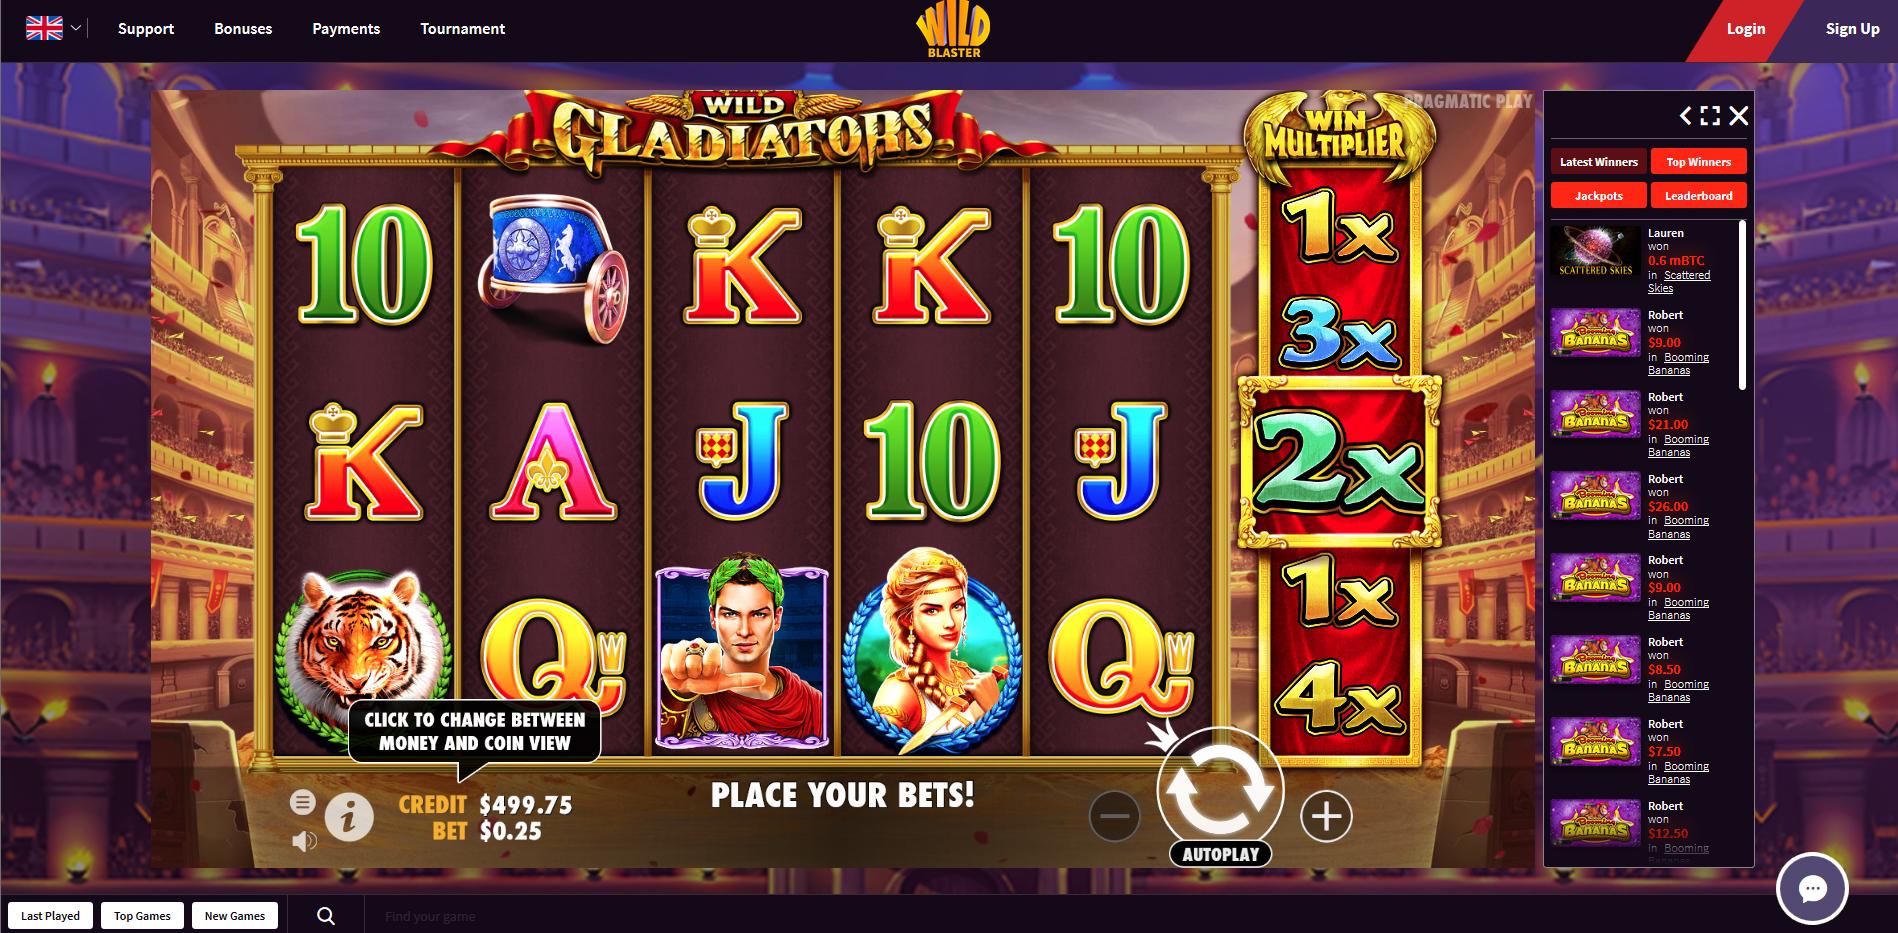 Legende Poker Wildblaster 707364